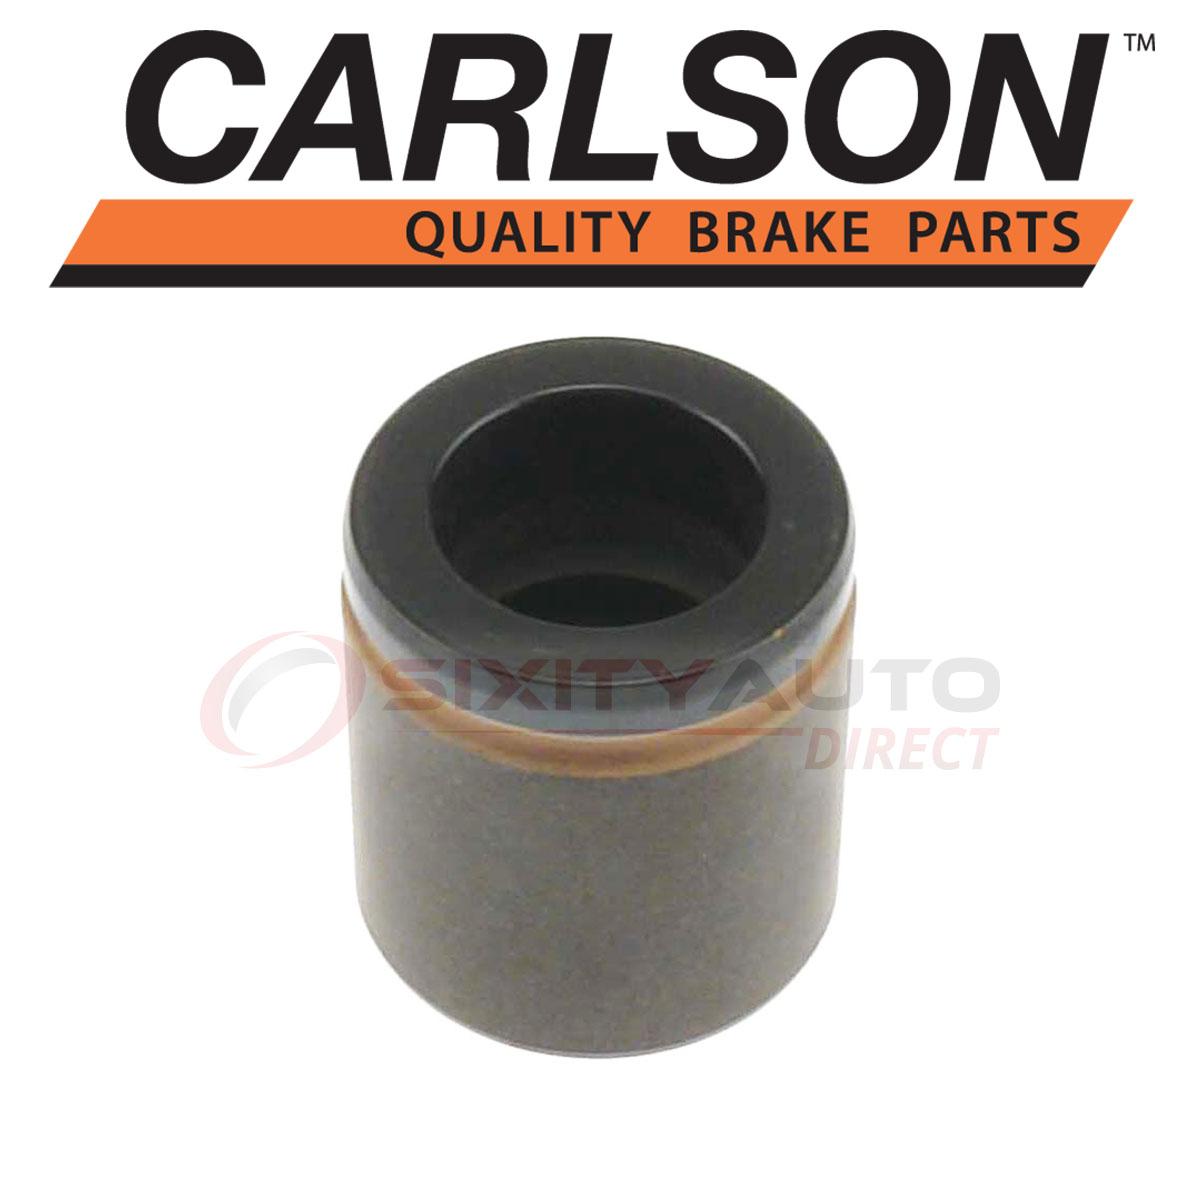 Carlson Front Disc Brake Caliper Piston for 2005-2010 Ford F-350 Super Duty  fx